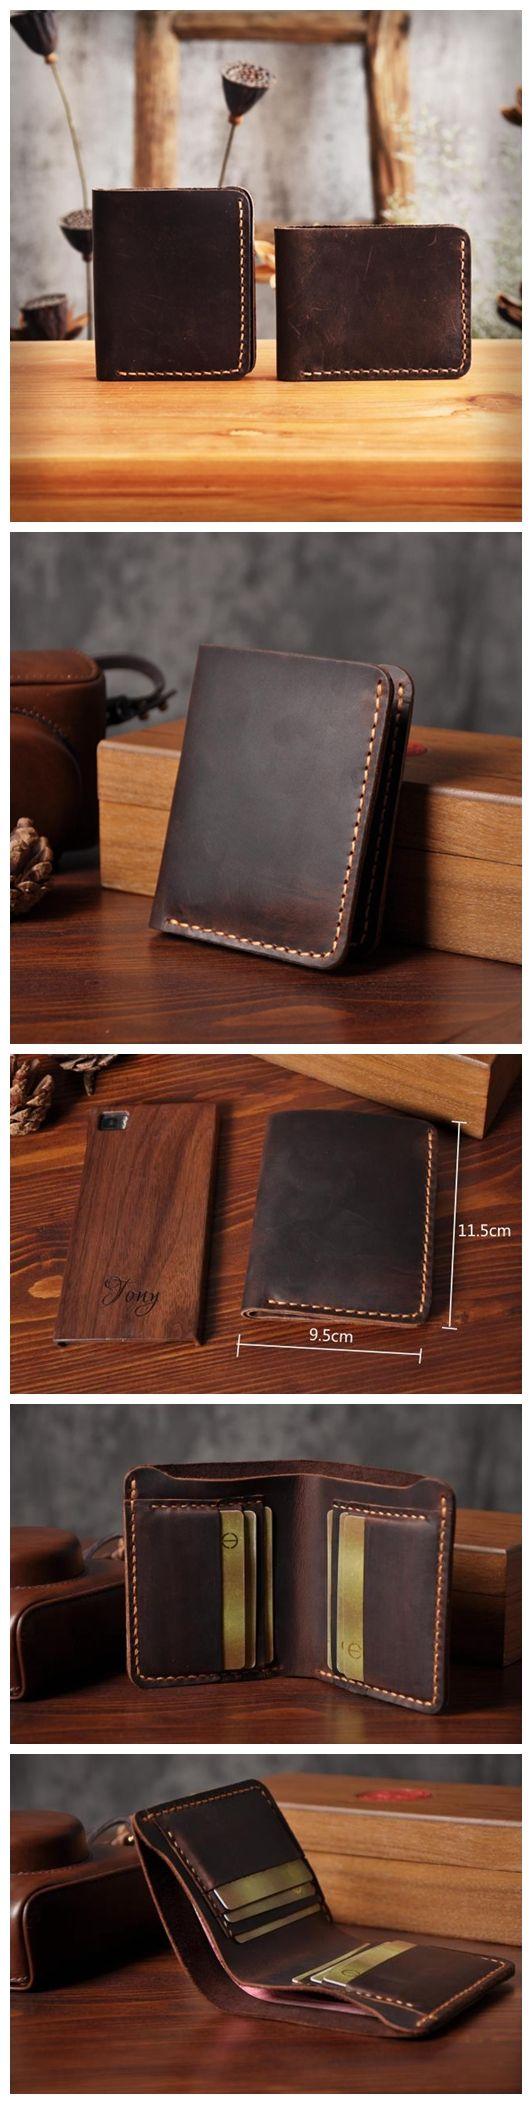 LISABAG--Handmade Men's Long Leather Wallet Money Purse Card Holder MT03